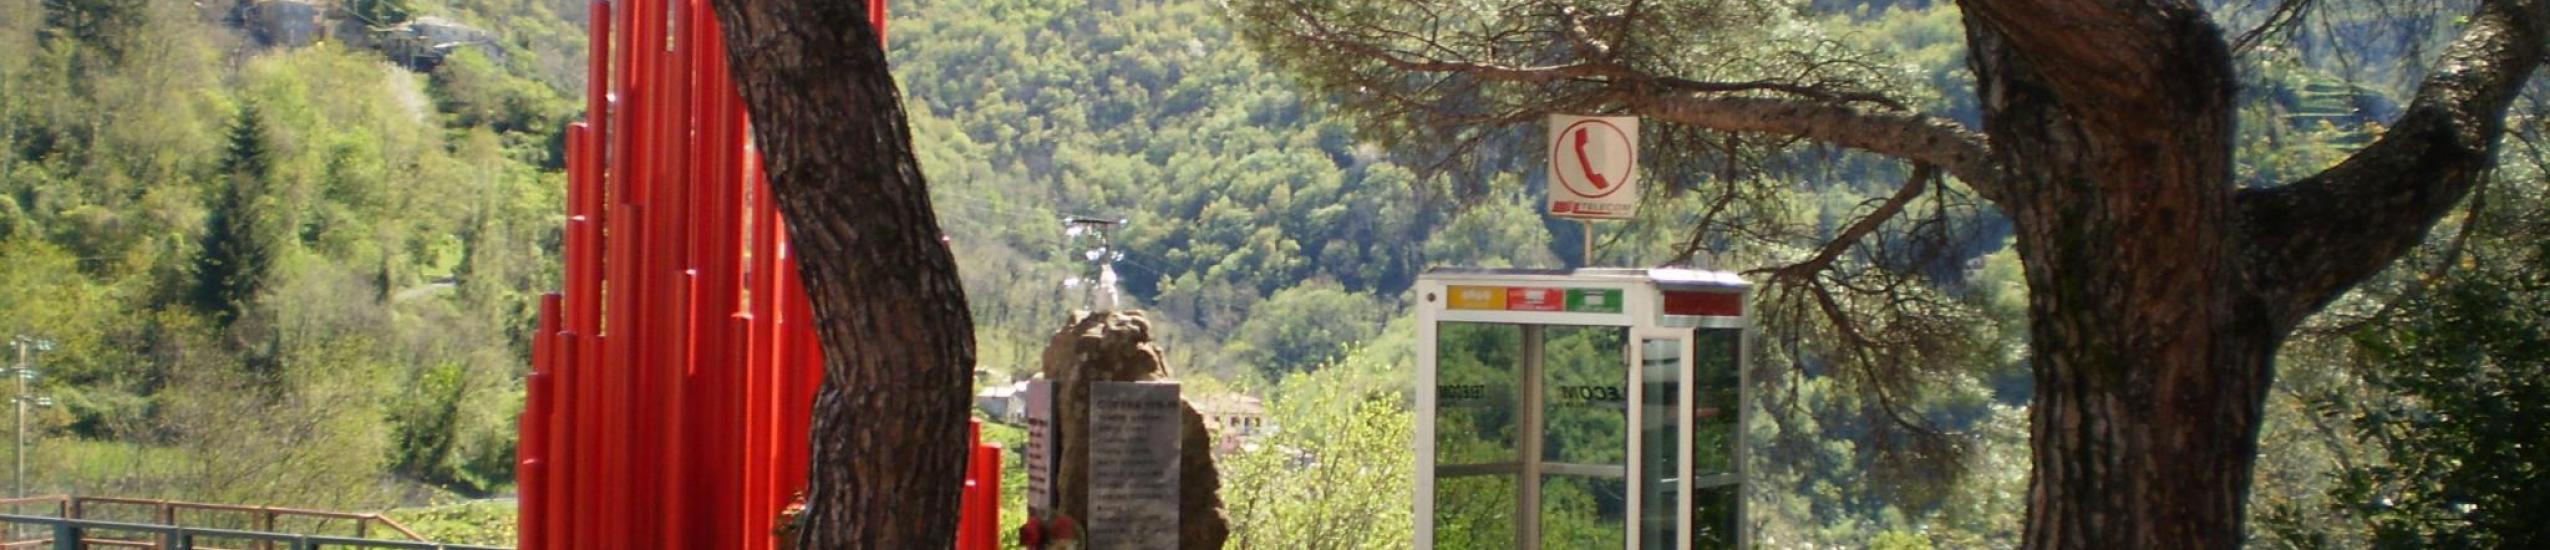 Vista monumenti e cabina telefonica